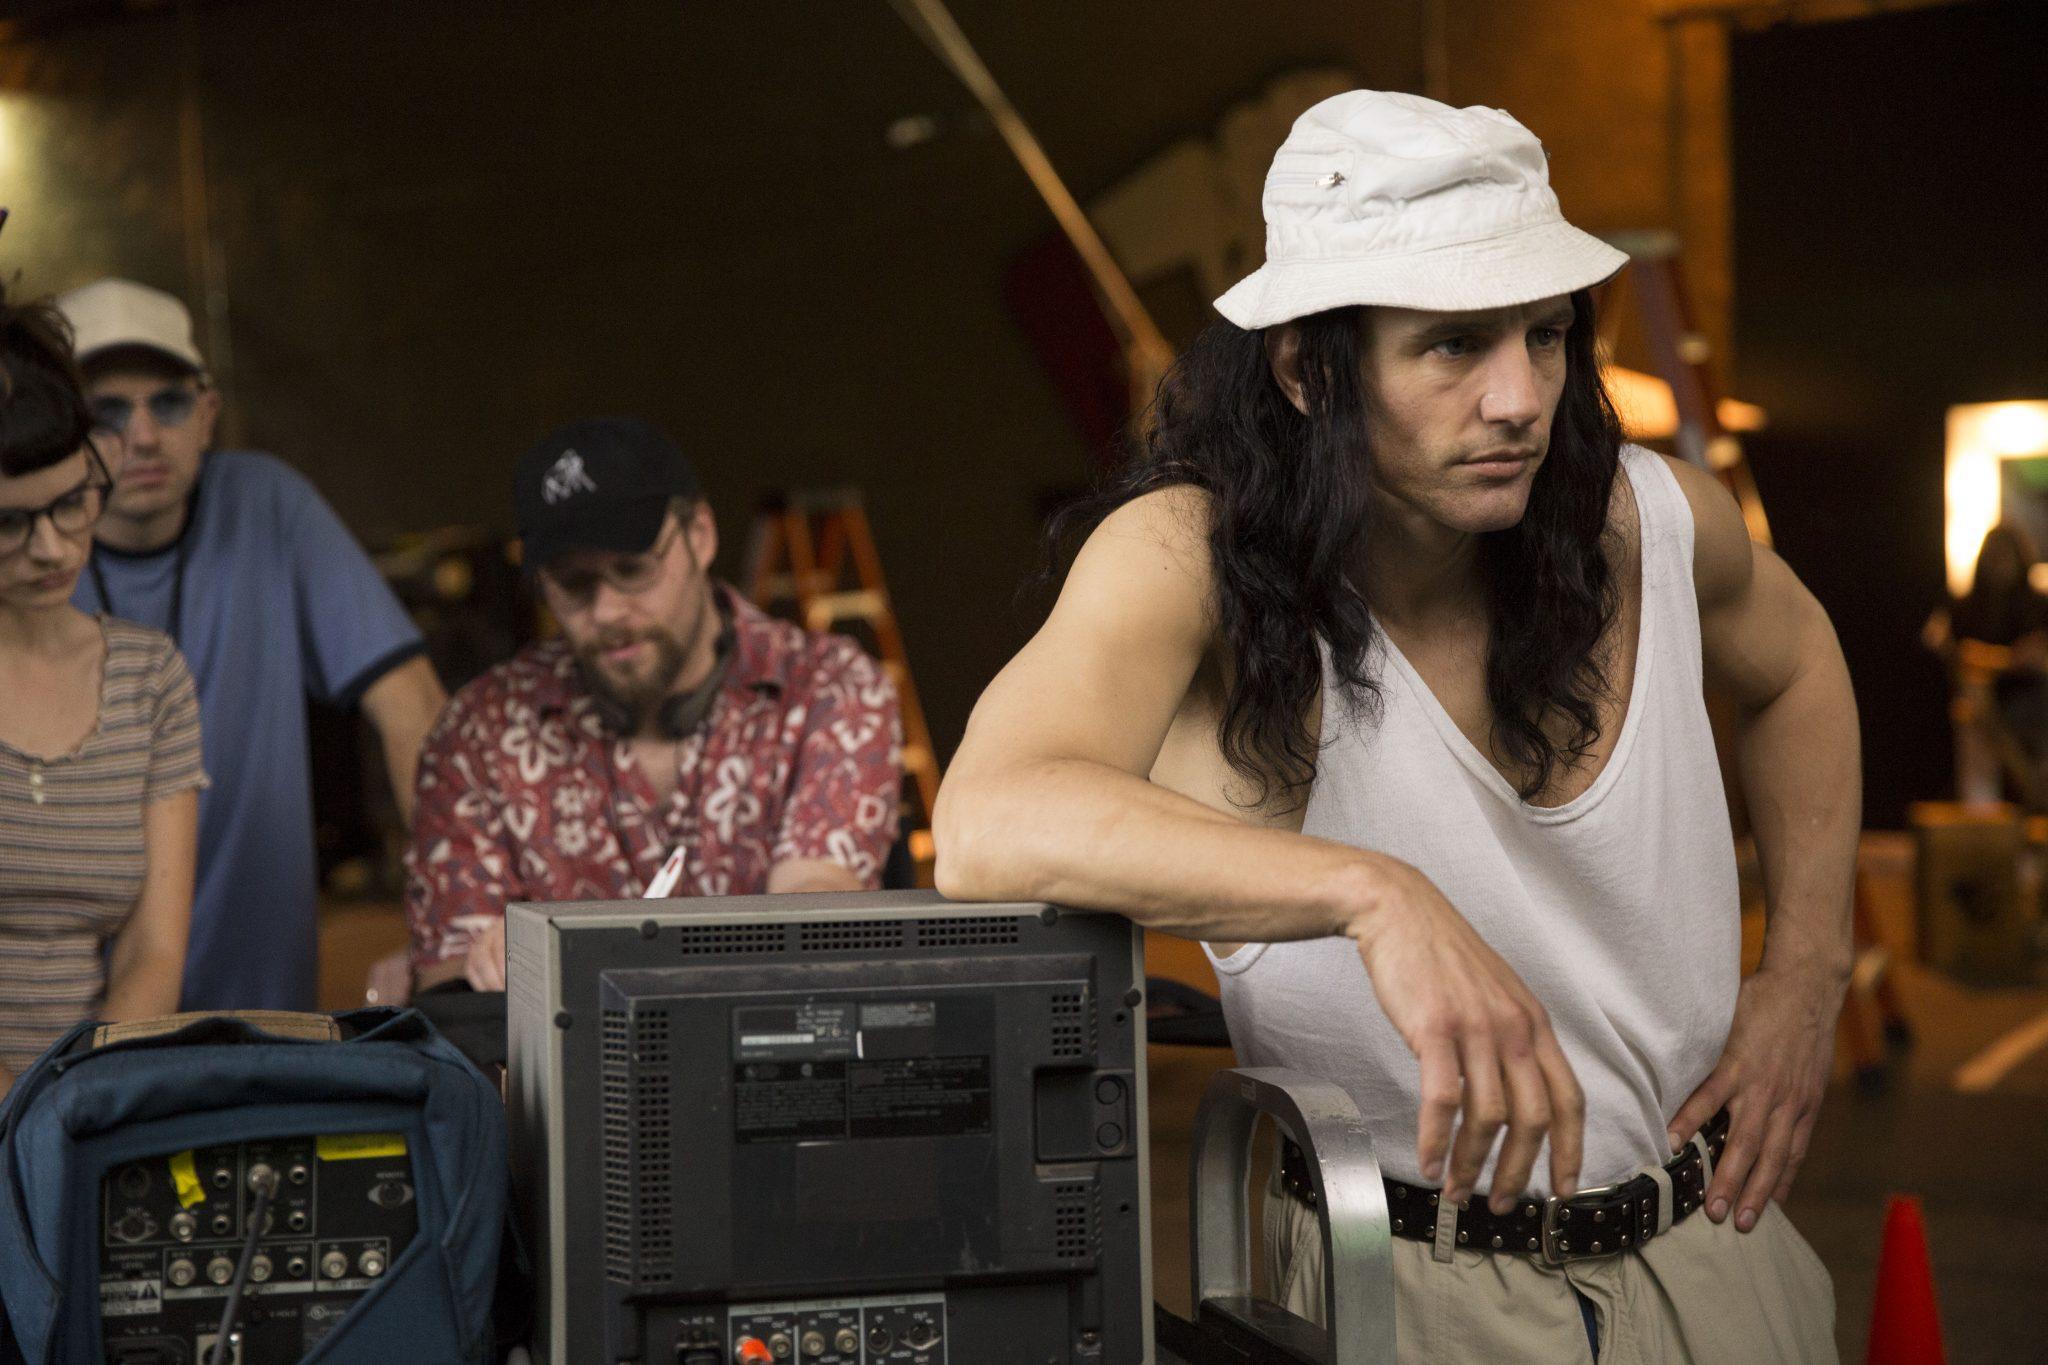 Tommy Wiseau James Franco und im Hintergrund Sandy Schklair Seth Rogen in The Disaster Artist von 2018